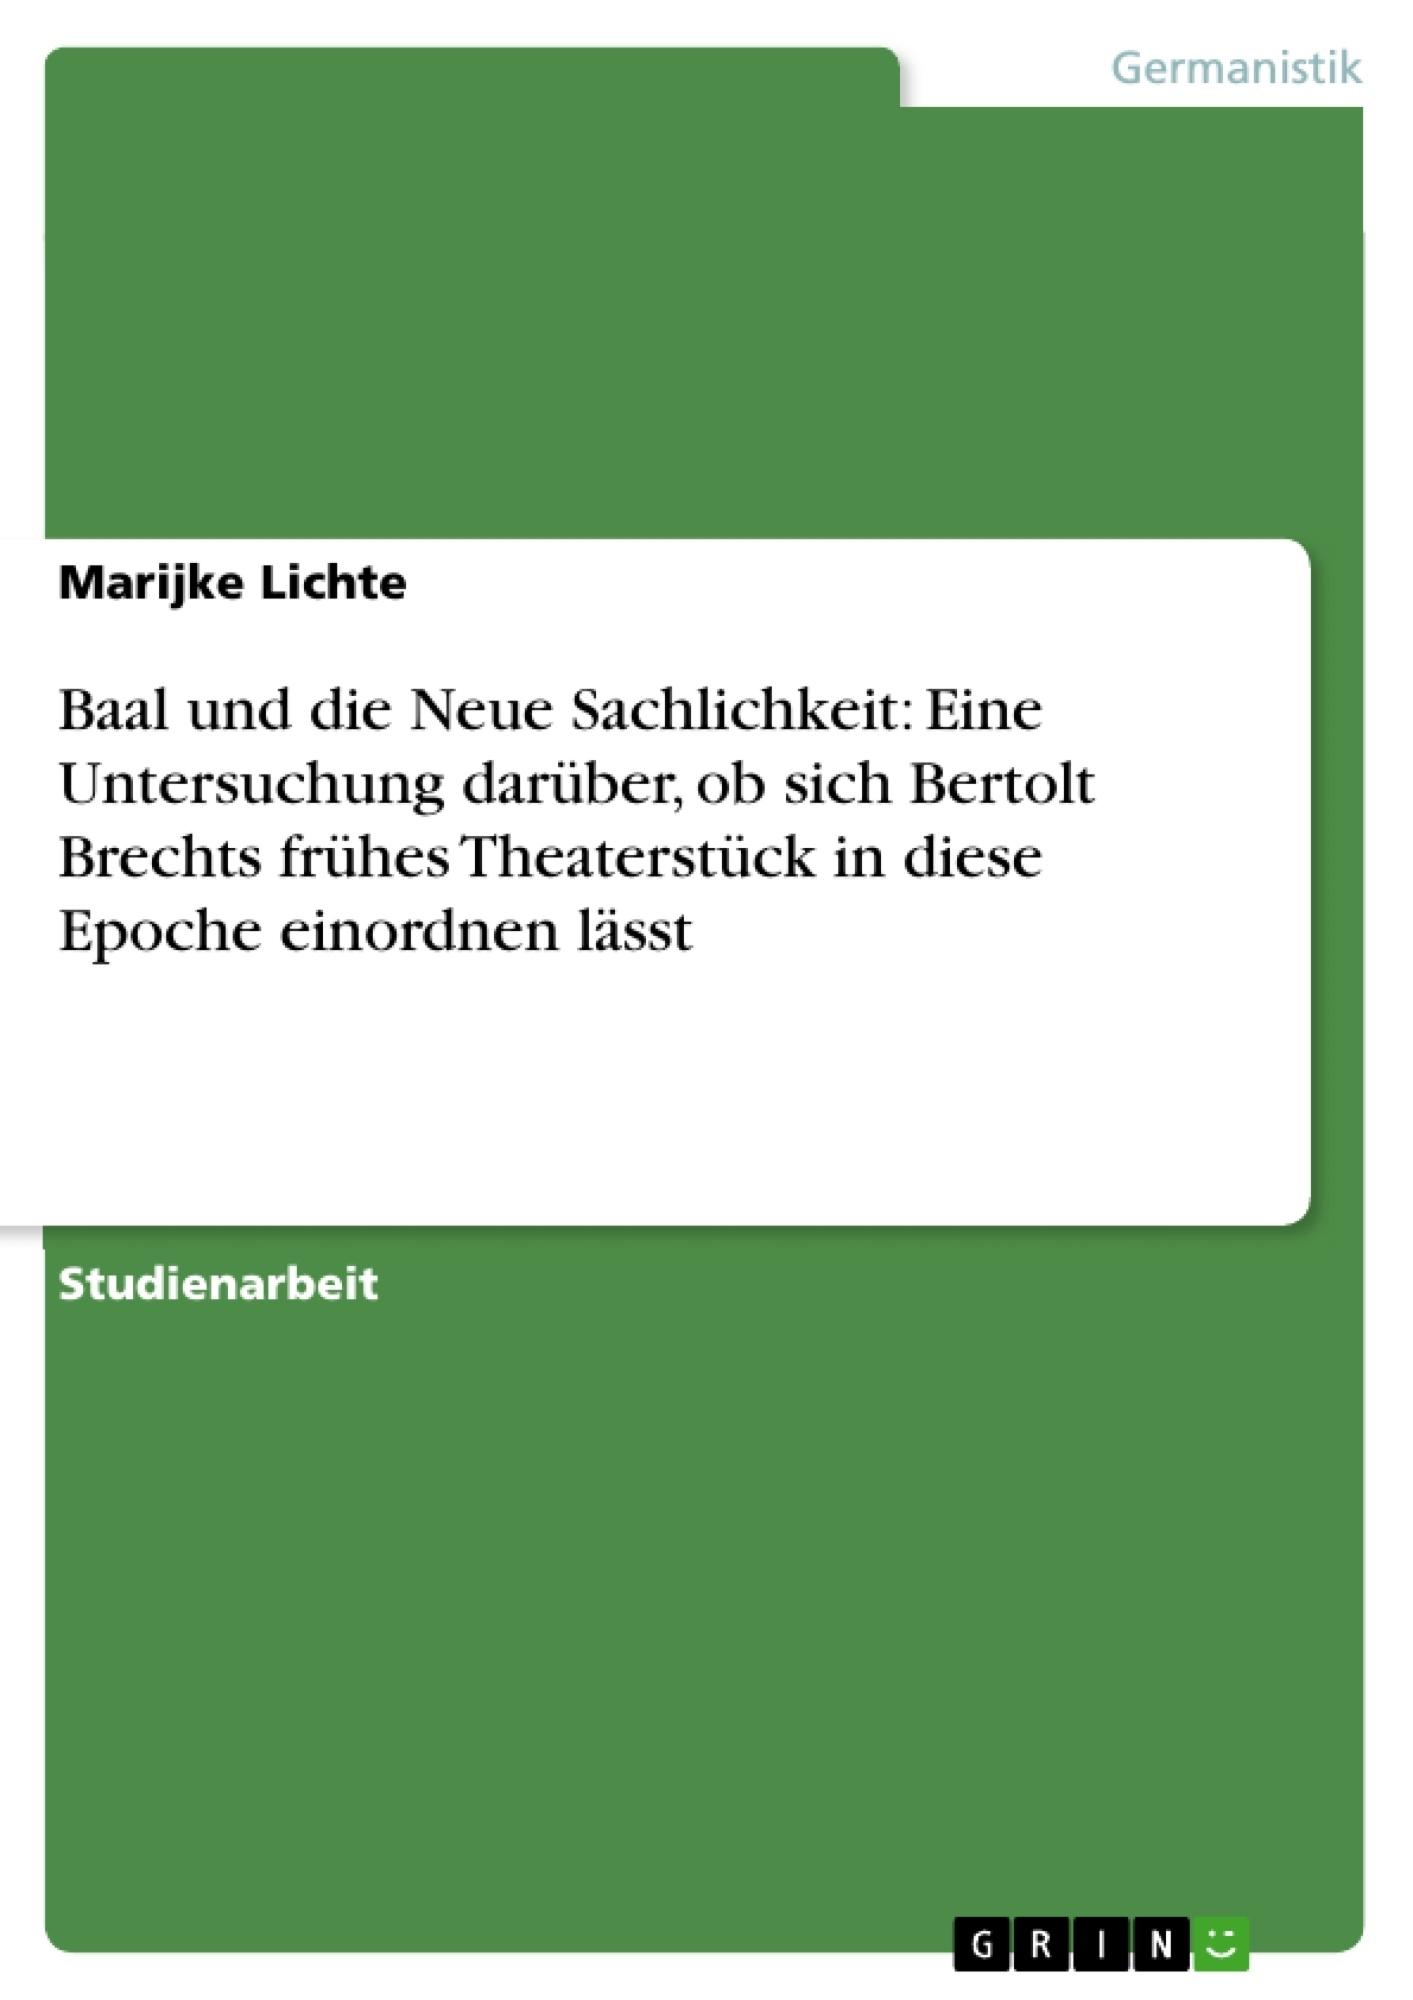 Titel: Baal  und die Neue Sachlichkeit: Eine Untersuchung darüber, ob  sich Bertolt Brechts frühes Theaterstück in diese Epoche einordnen lässt